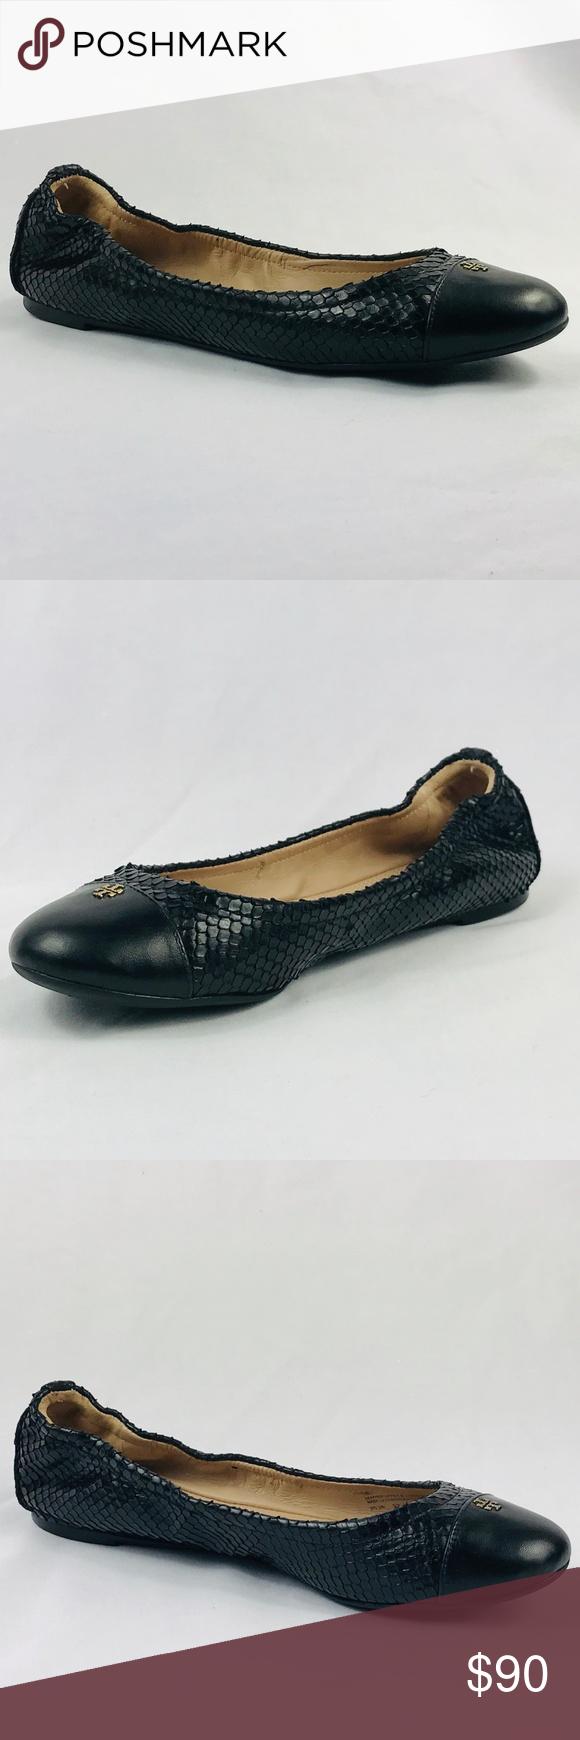 2424ae45068 Tory Burch York Ballet Flat Snake Skin FINAL PRICE FINAL PRICE